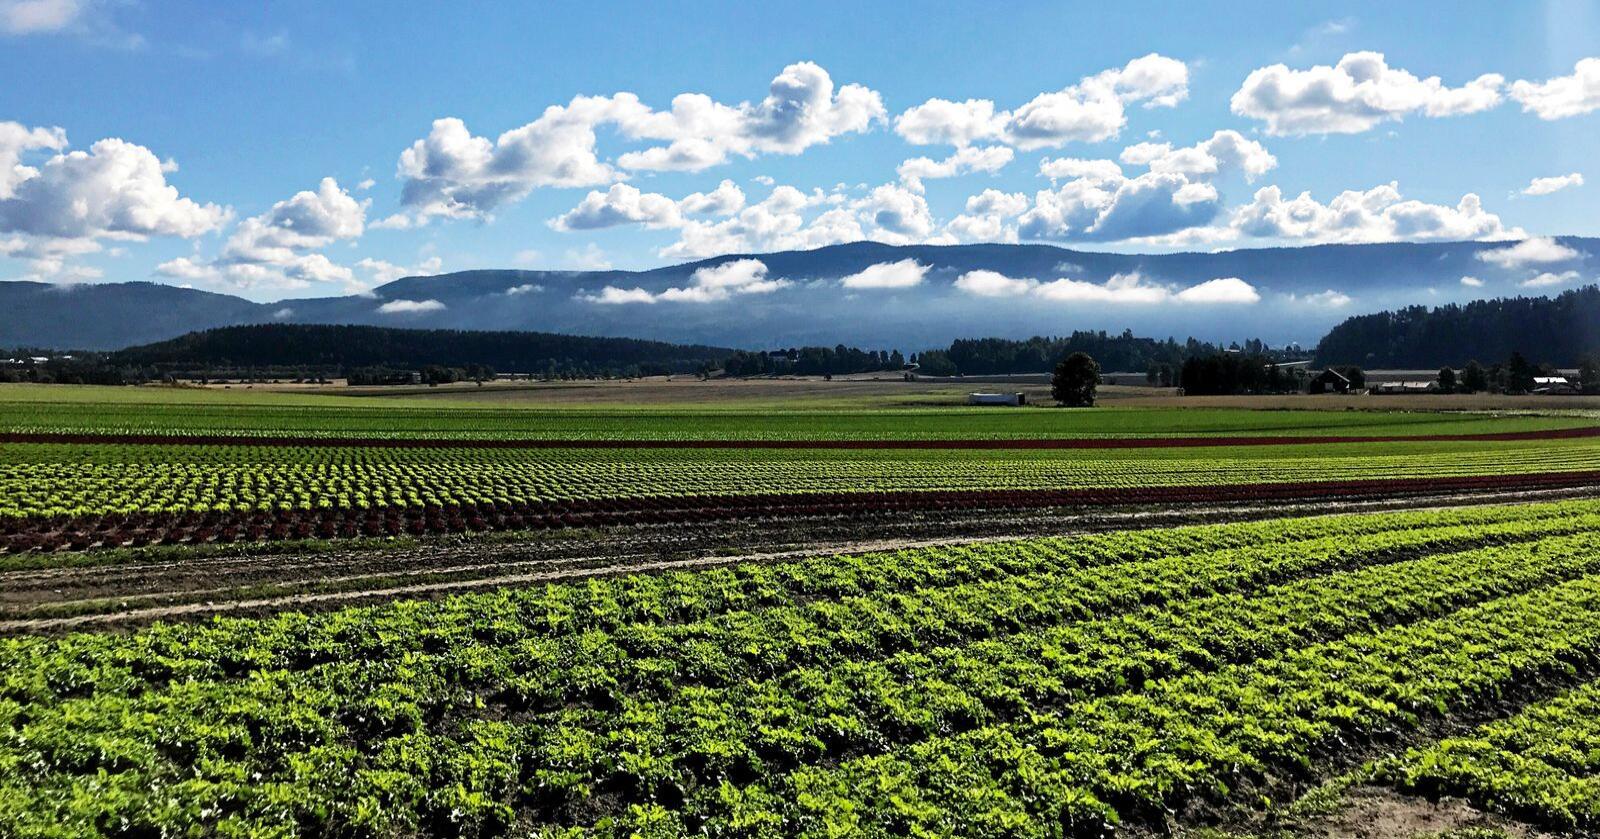 Grønnsaker og bær skal høstes, men hvem kan gjøre jobben denne sesongen. Mange i Grøntnæringen fortviler over mangel på arbeidskraft. Arkiv foto: Lars Bilit Hagen